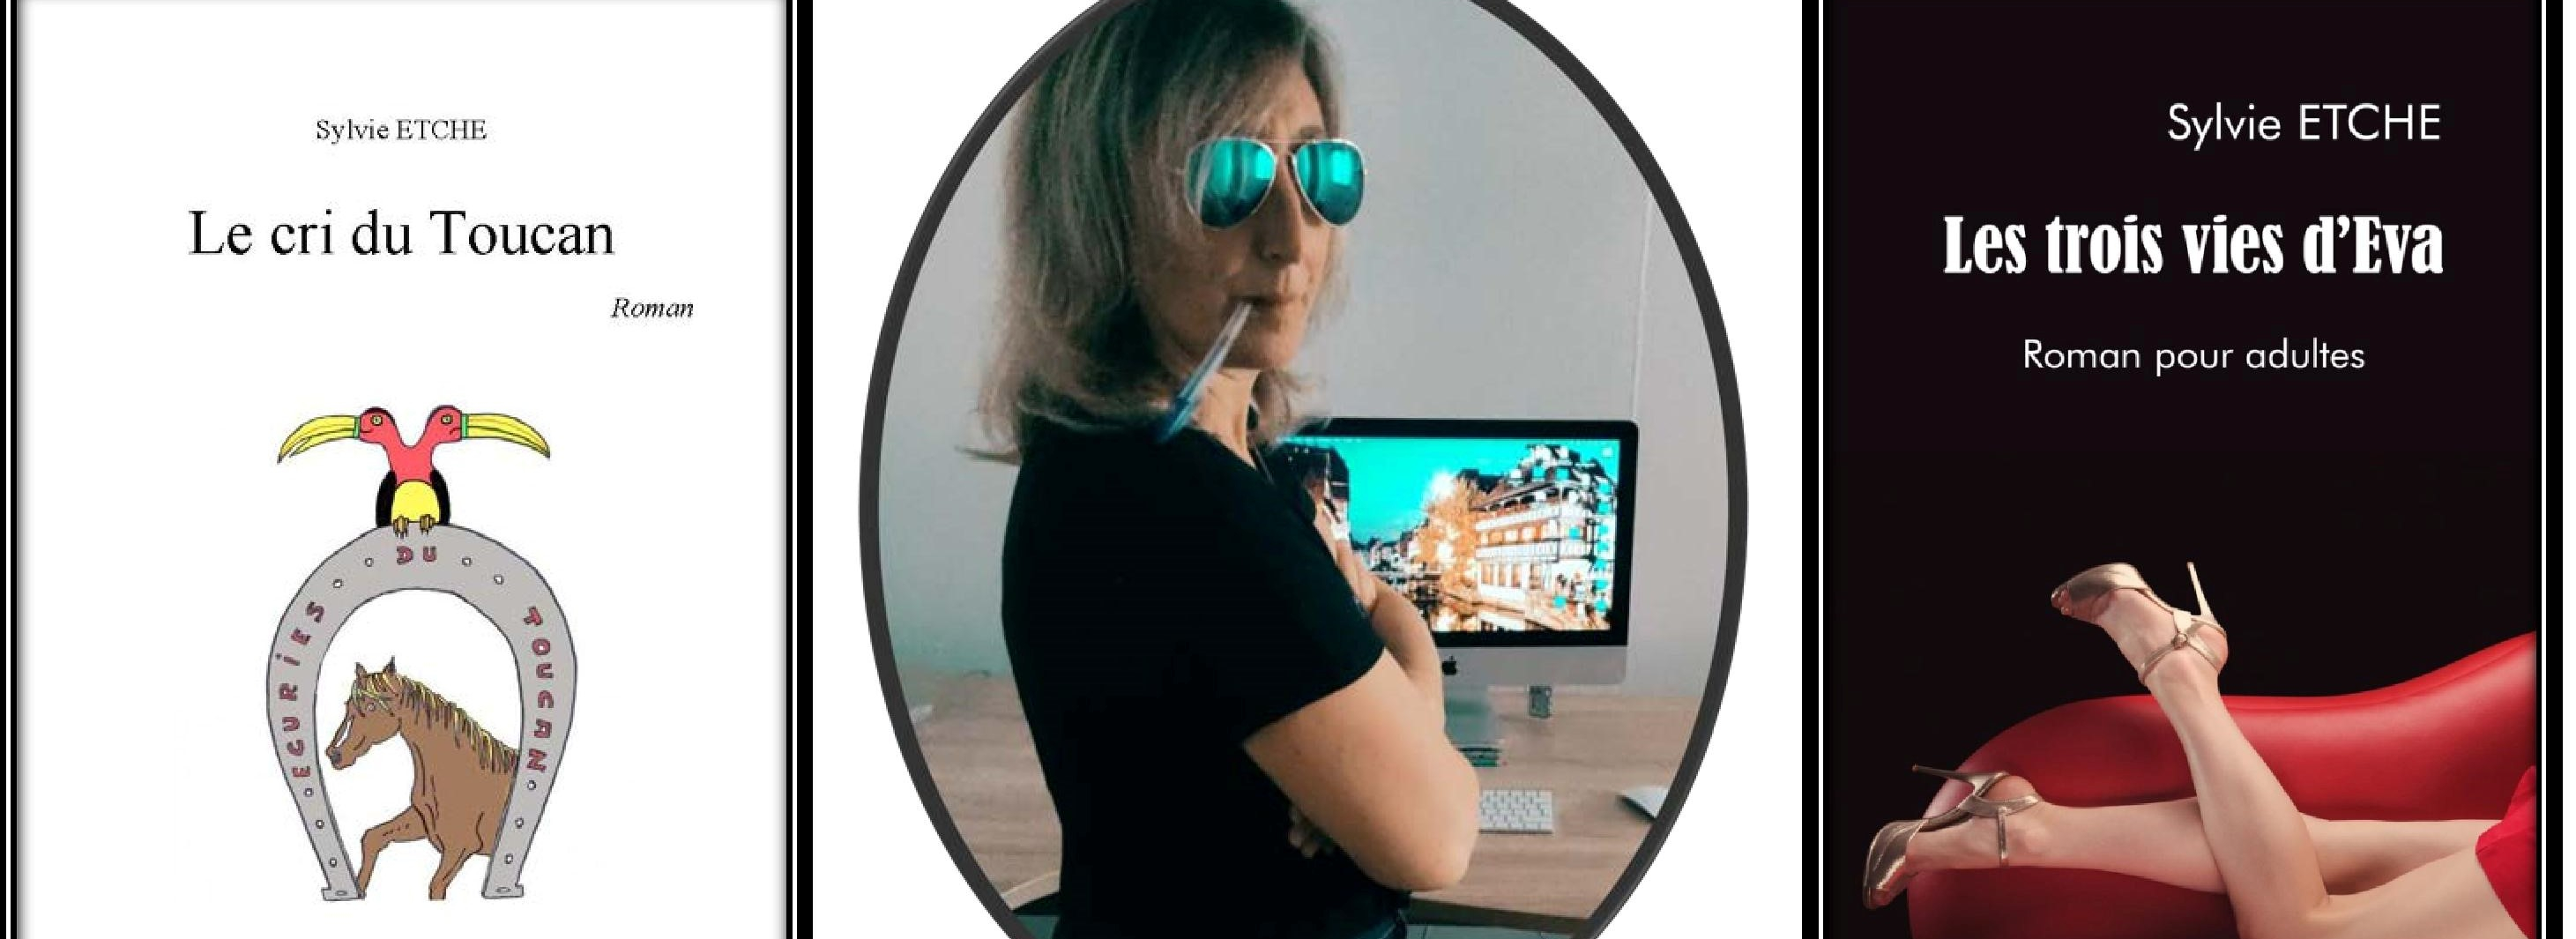 Le blog de Sylvie Etche